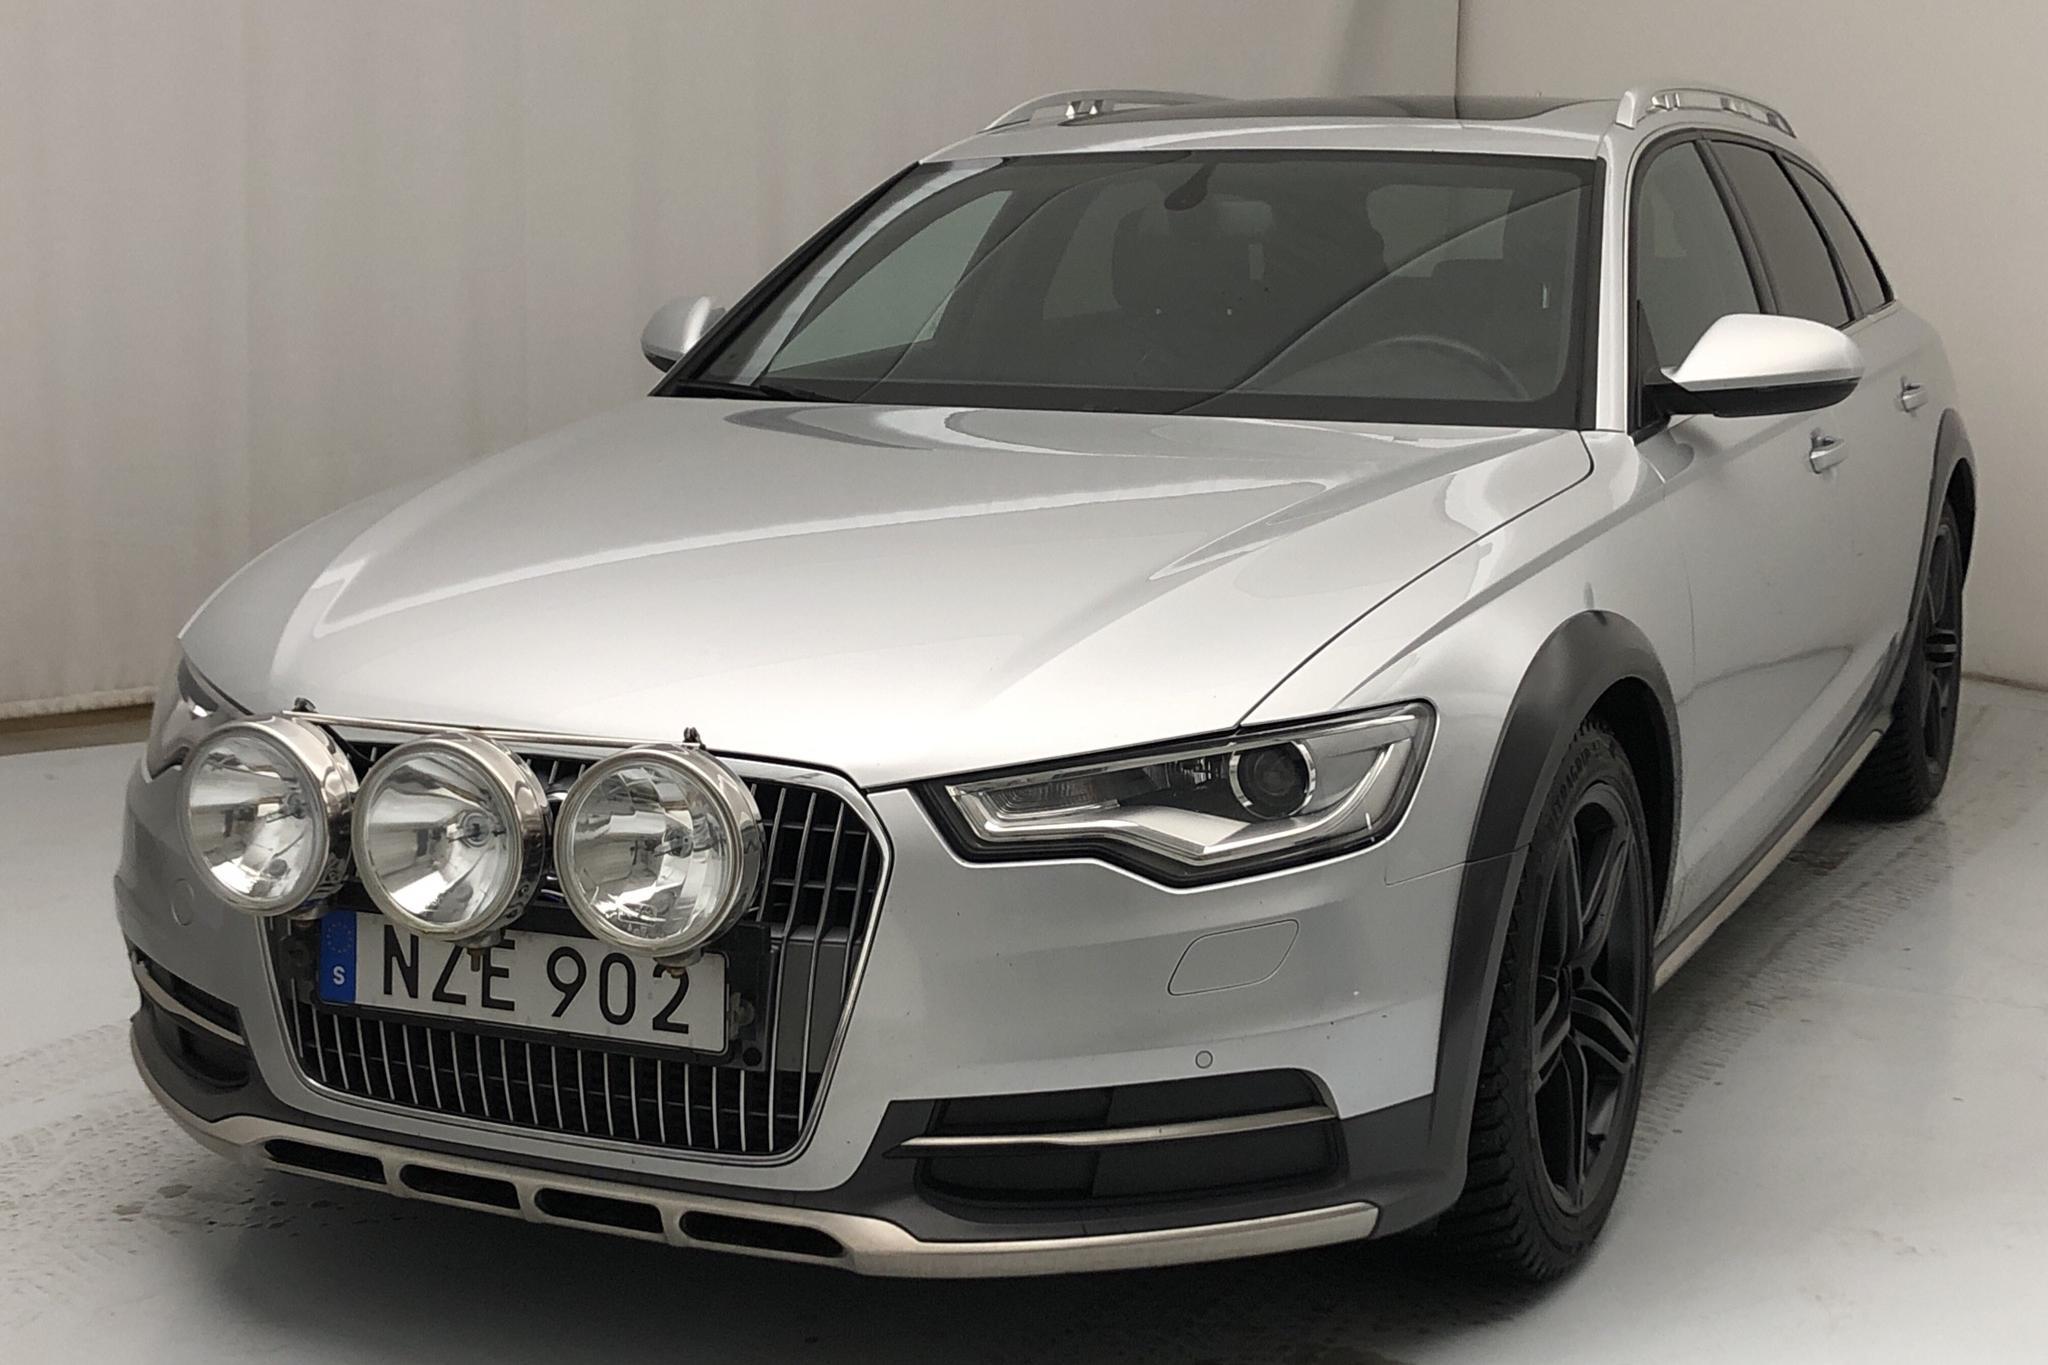 Audi A6 Allroad 3.0 TDI quattro (204hk) - 13 871 mil - Automat - silver - 2014